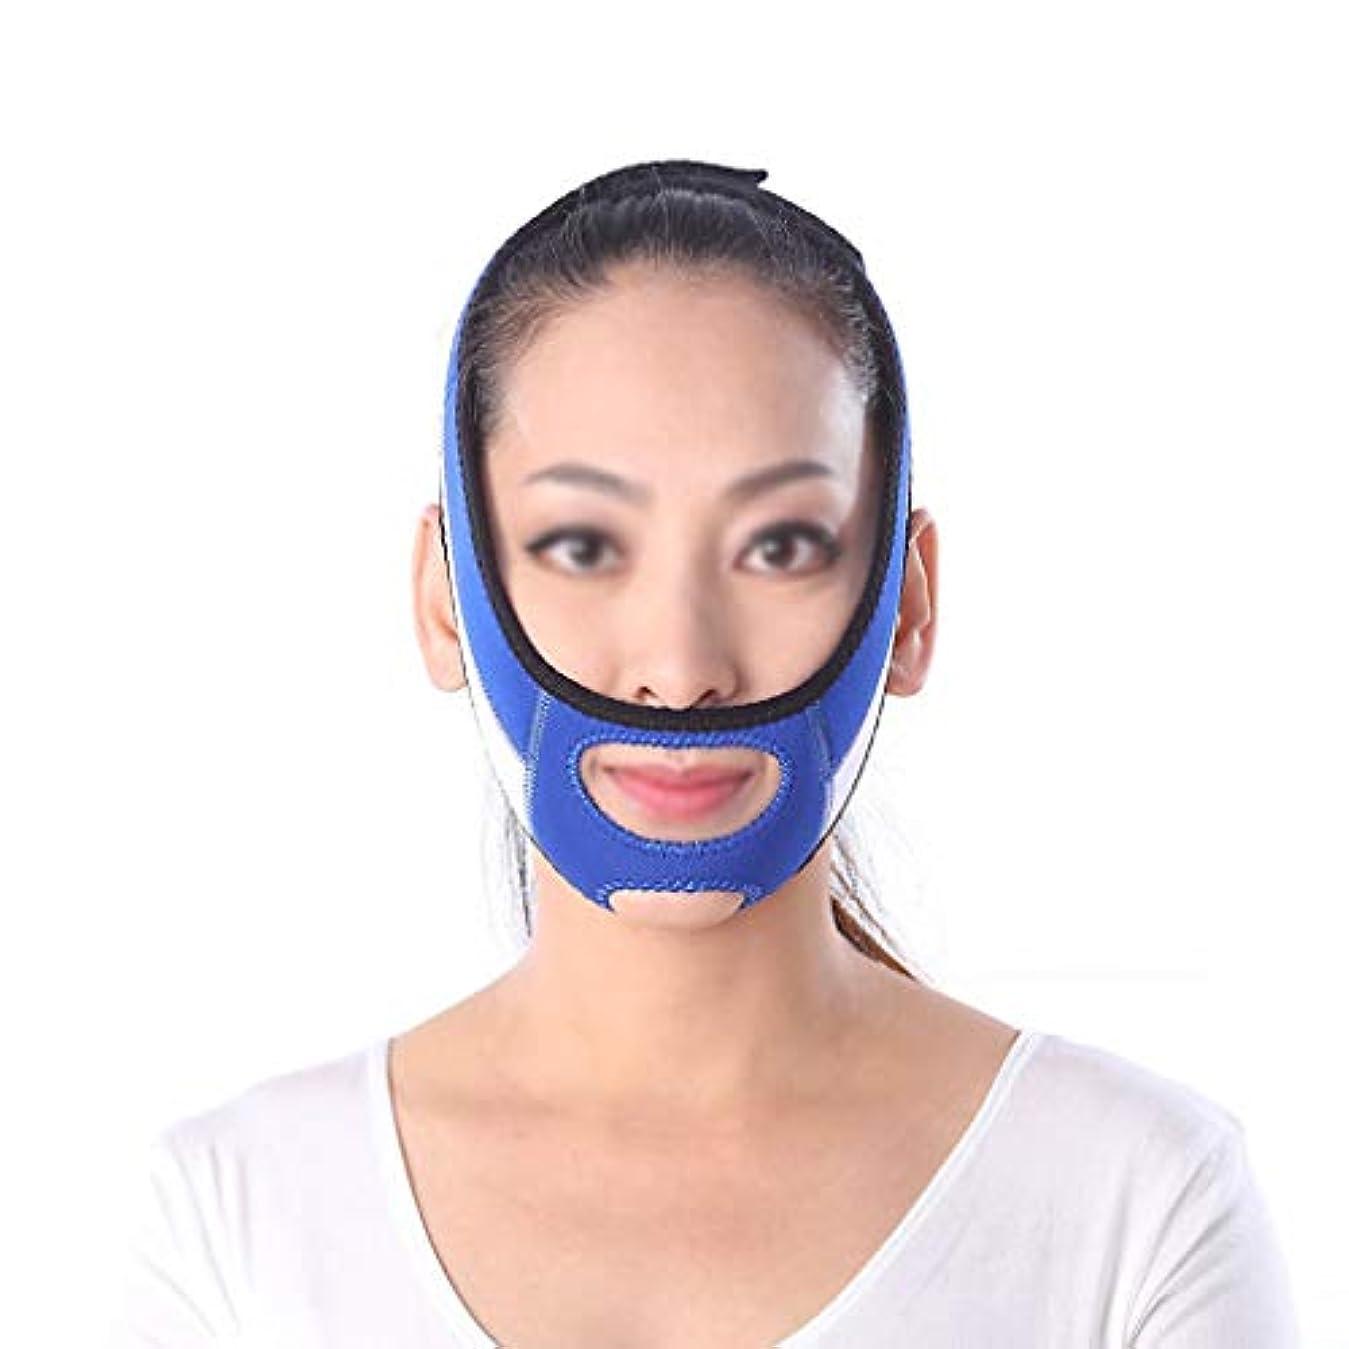 バッジ訴える雑草フェイスリフティング包帯、フェイスリフティングマスク、フェイスリフティング器具、二重あごケア減量、フェイシャルリフティングストラップ(フリーサイズ、ブルー)